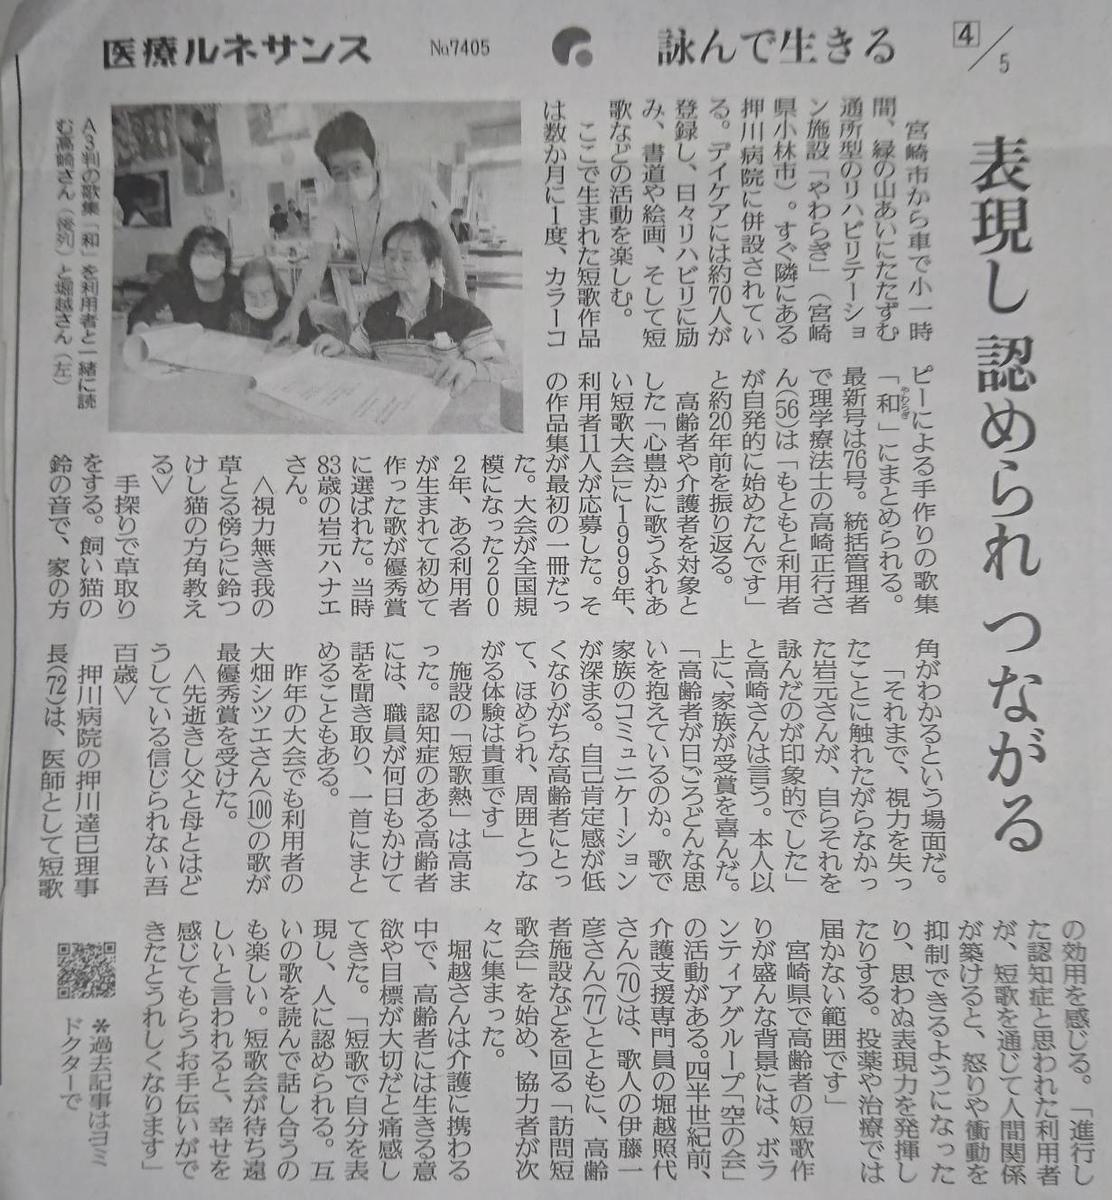 f:id:kazura-kobayashi:20201213142723j:plain